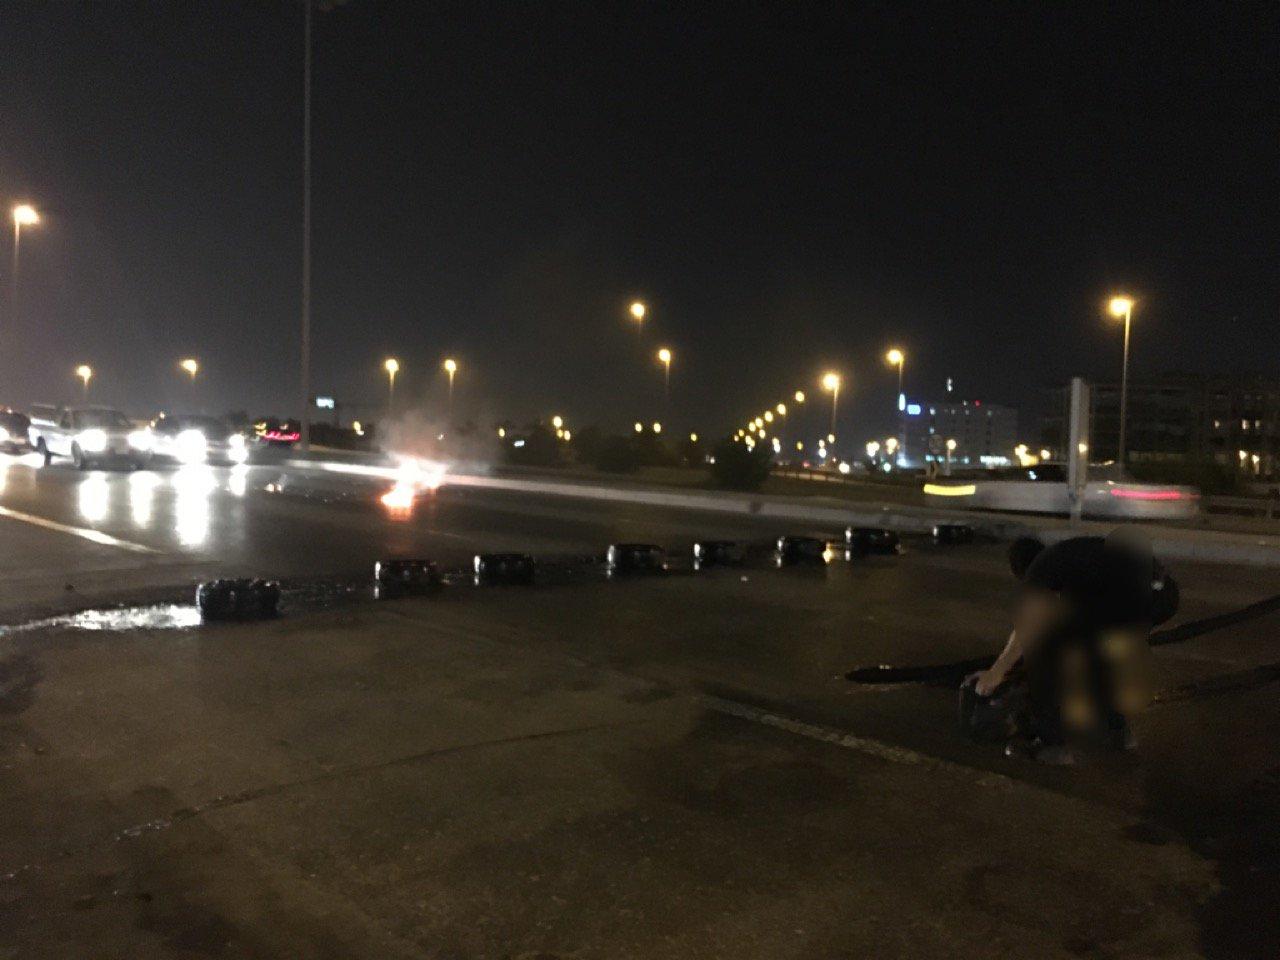 ثوّار البحرين يقطعون «جسر الثوّار» وشارع «خطّ النار»